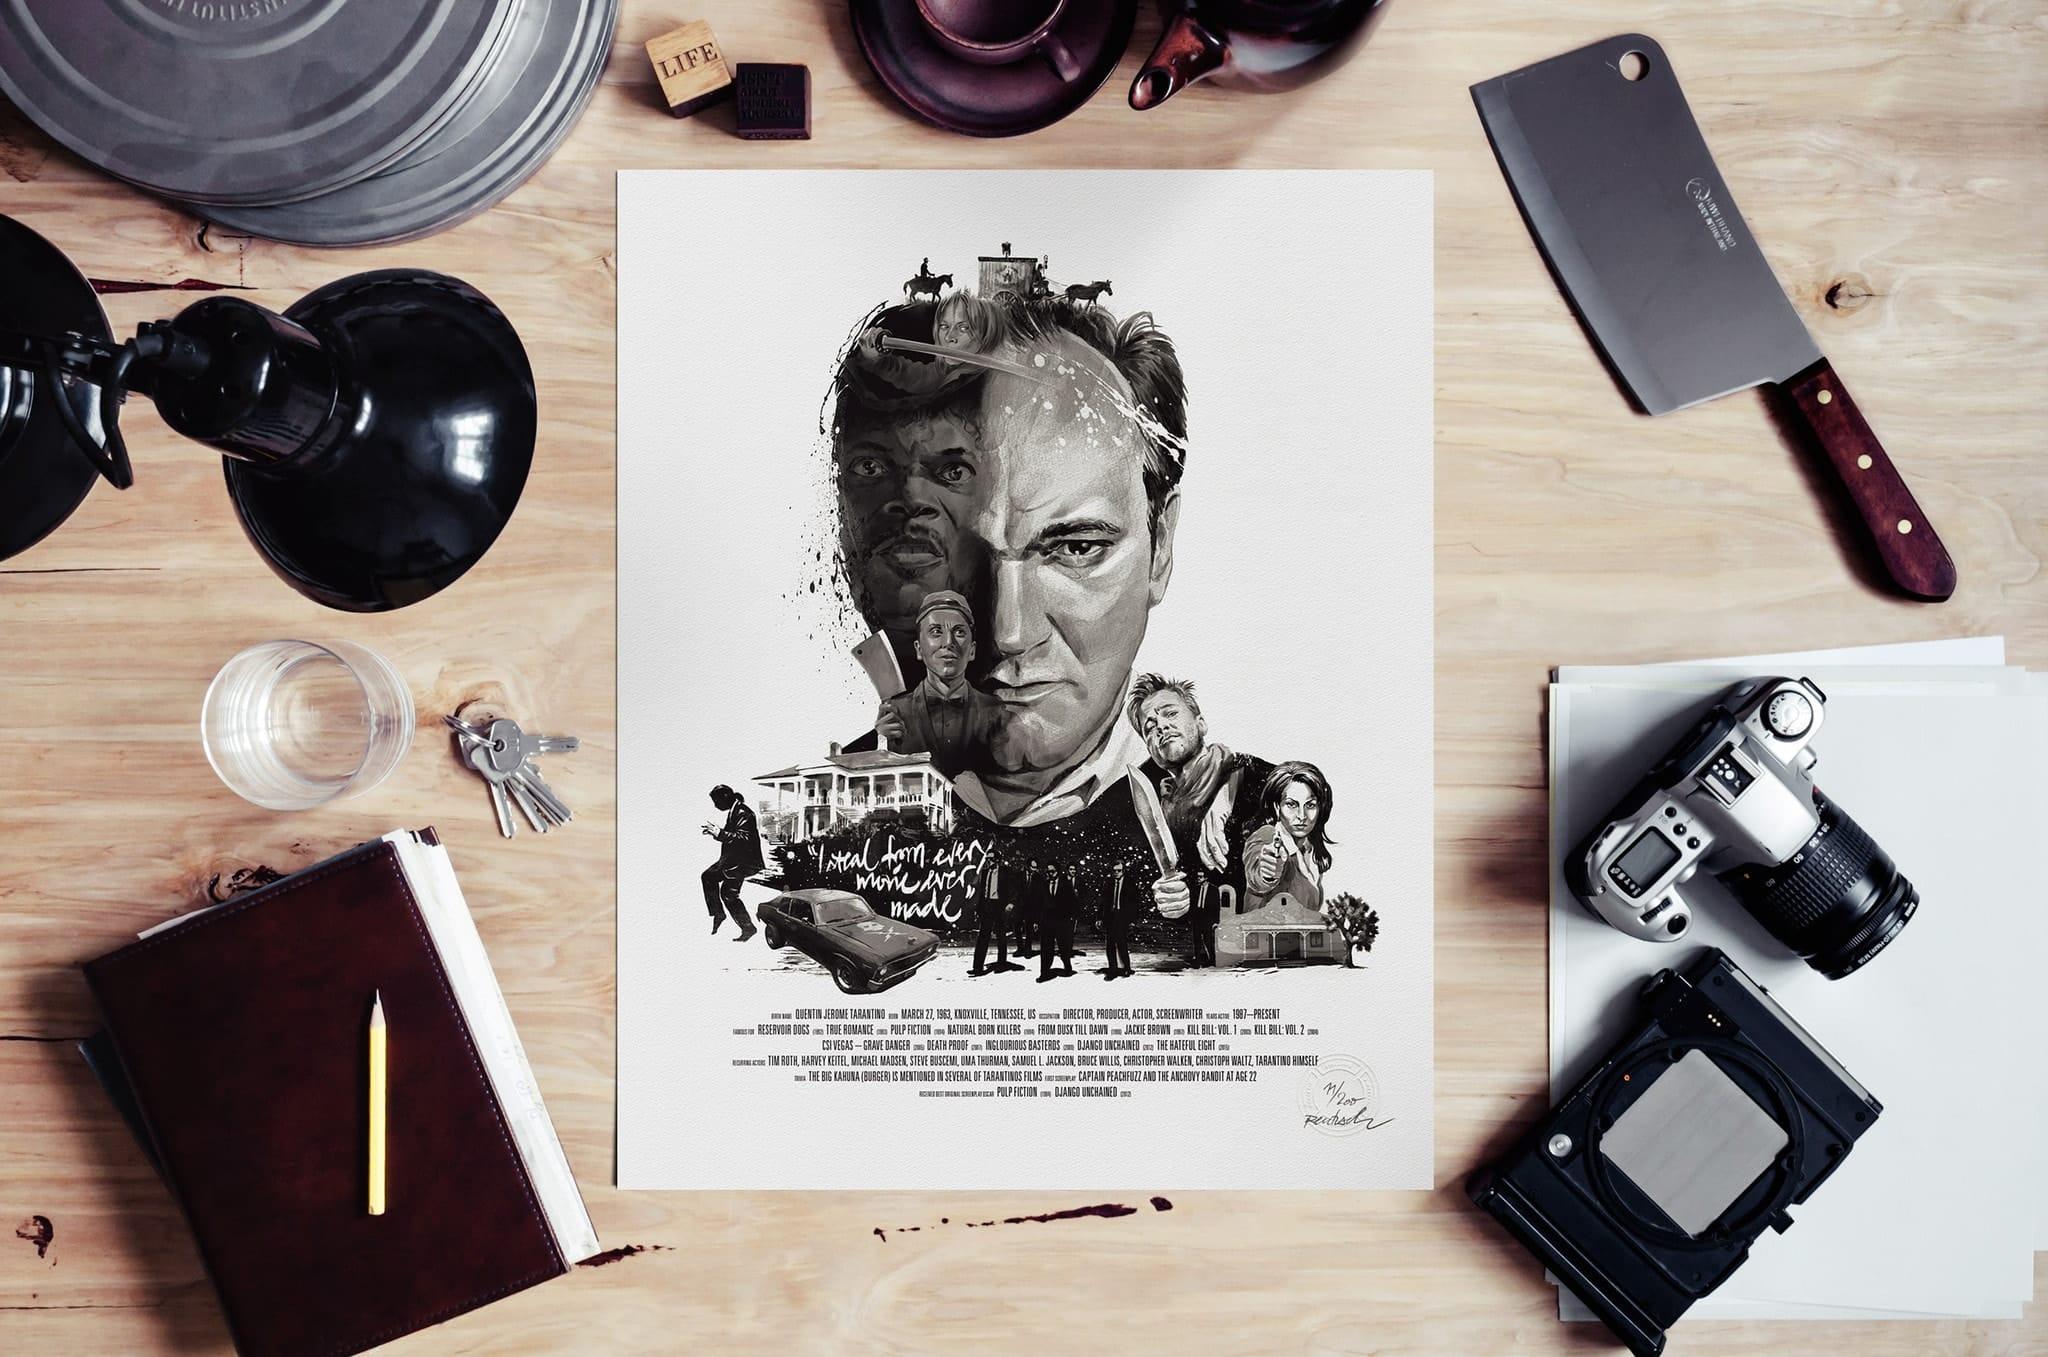 stellavie-rentzsch-movie-director-portrait-prints-quentin-tarantino-mood